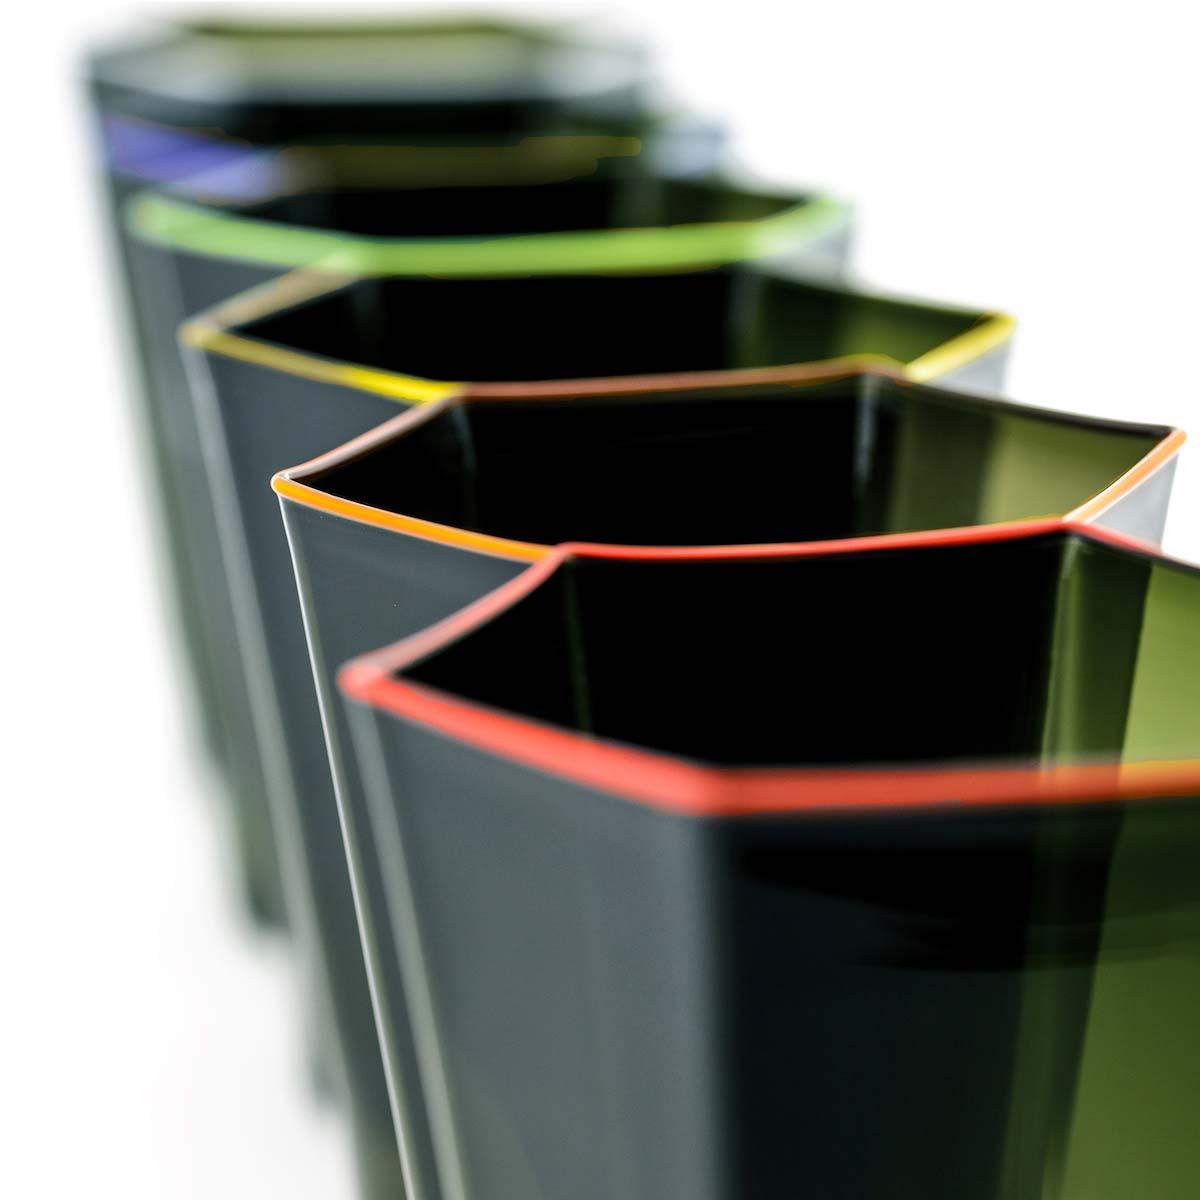 murano-venice-italian-deigner-glasses-glass-colorful-colourful-rim-green-orange-red-blue-green-yellow